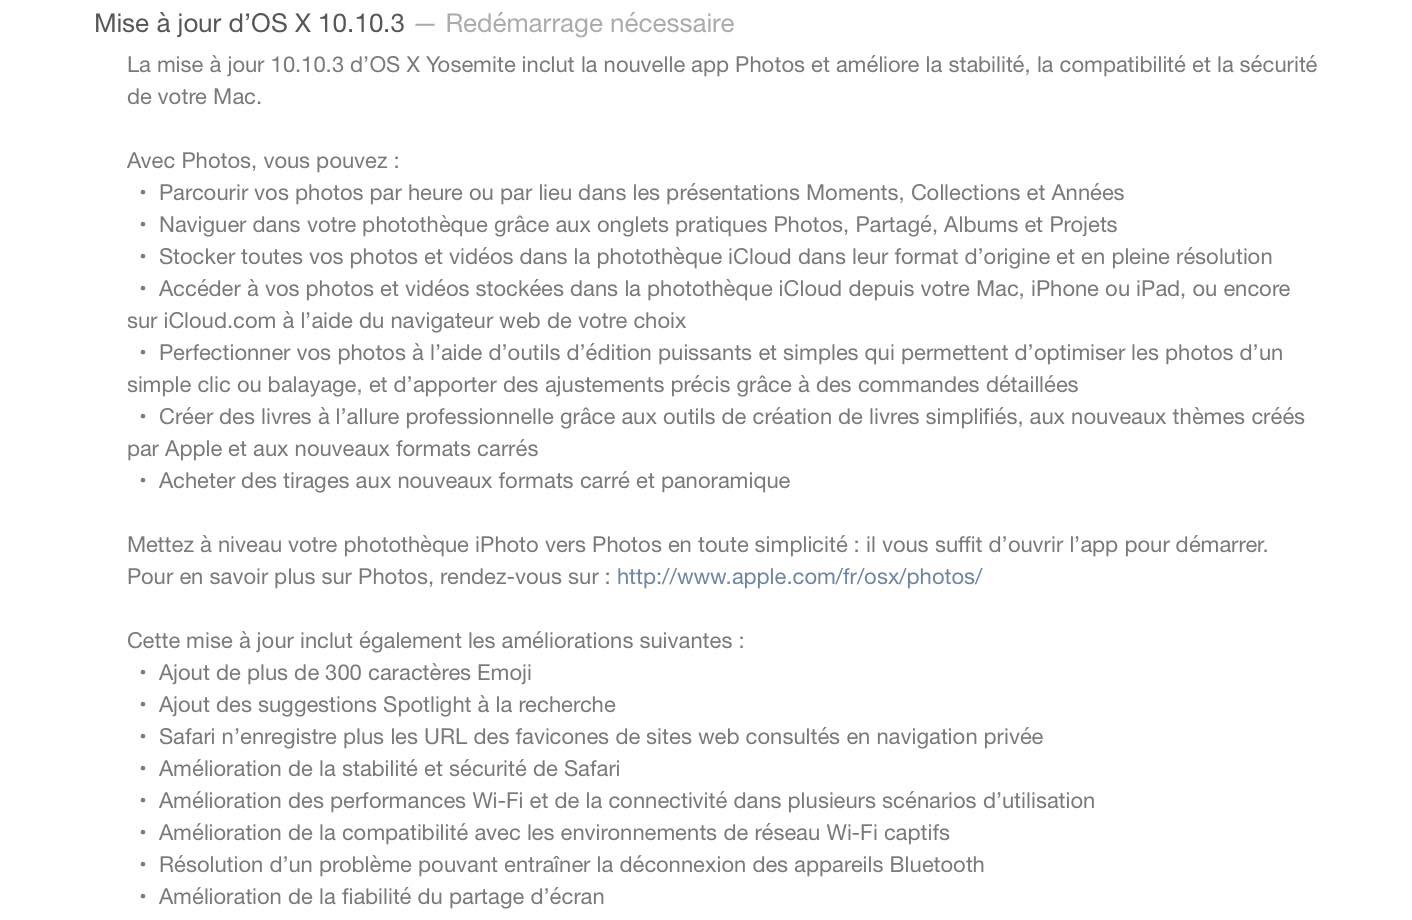 OS X 10.10.3 Nouveautés